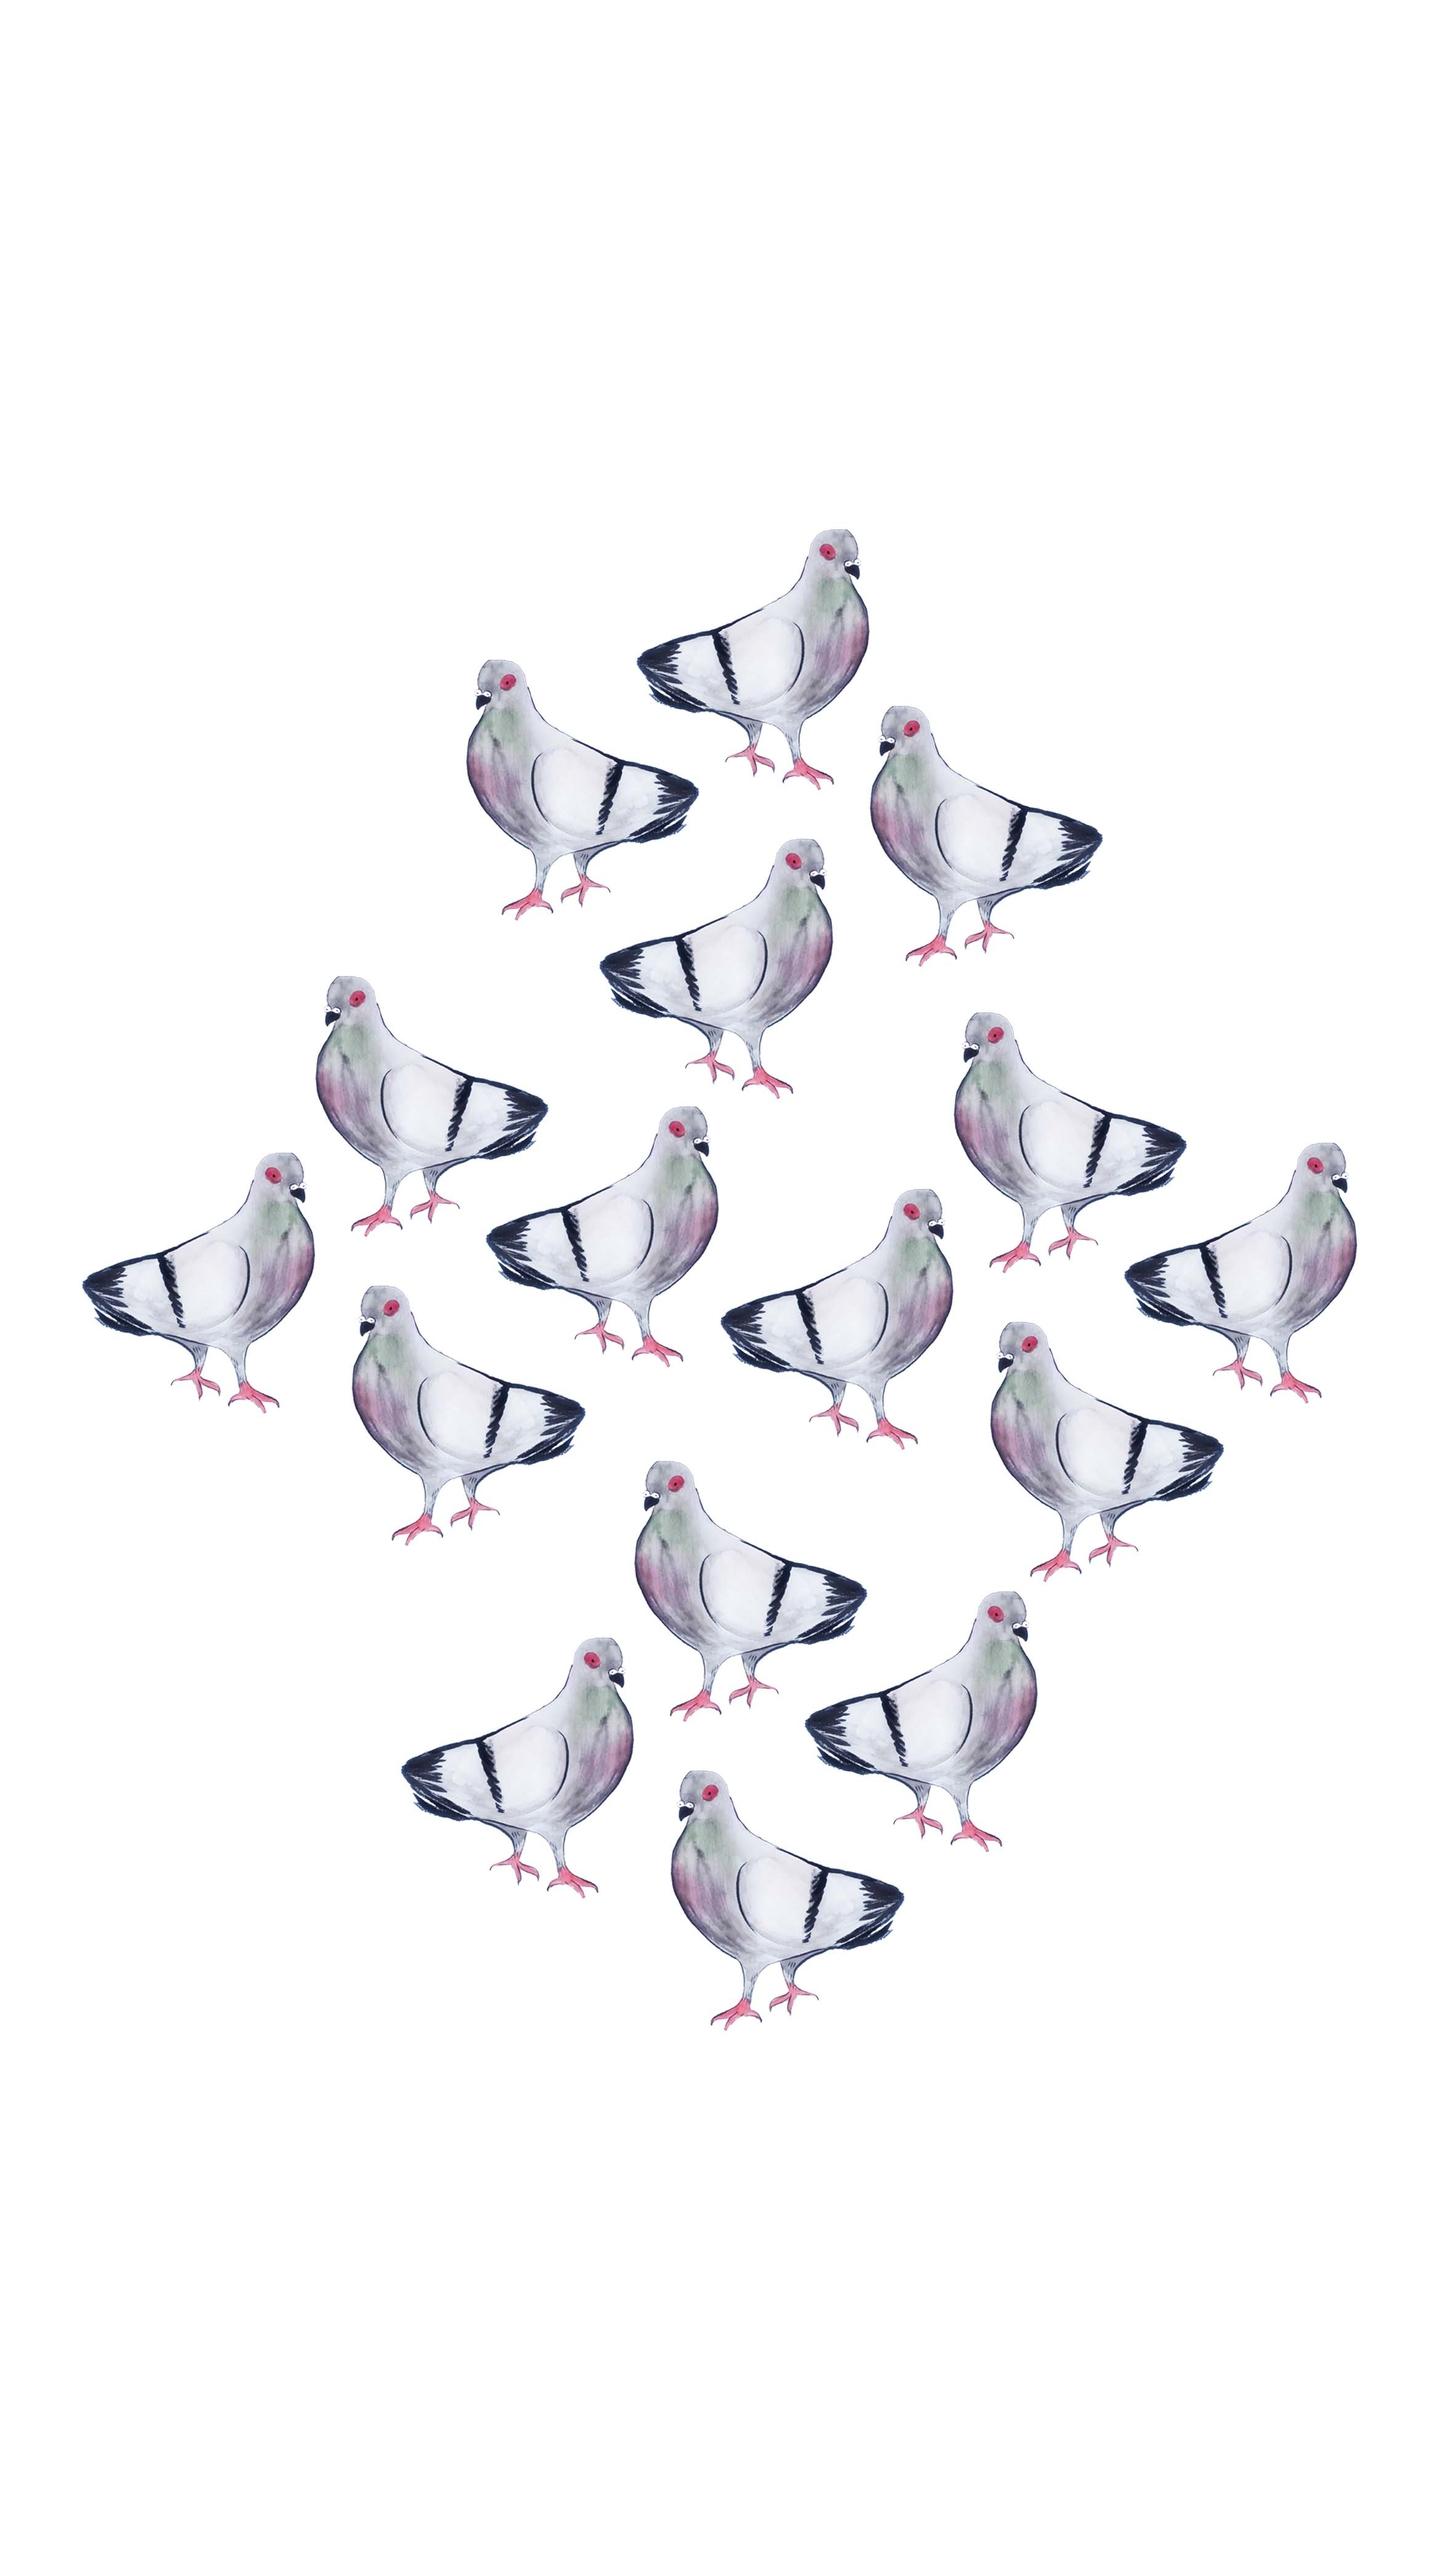 pigeons aka flying mice - kseyes - kseyes_illustration | ello